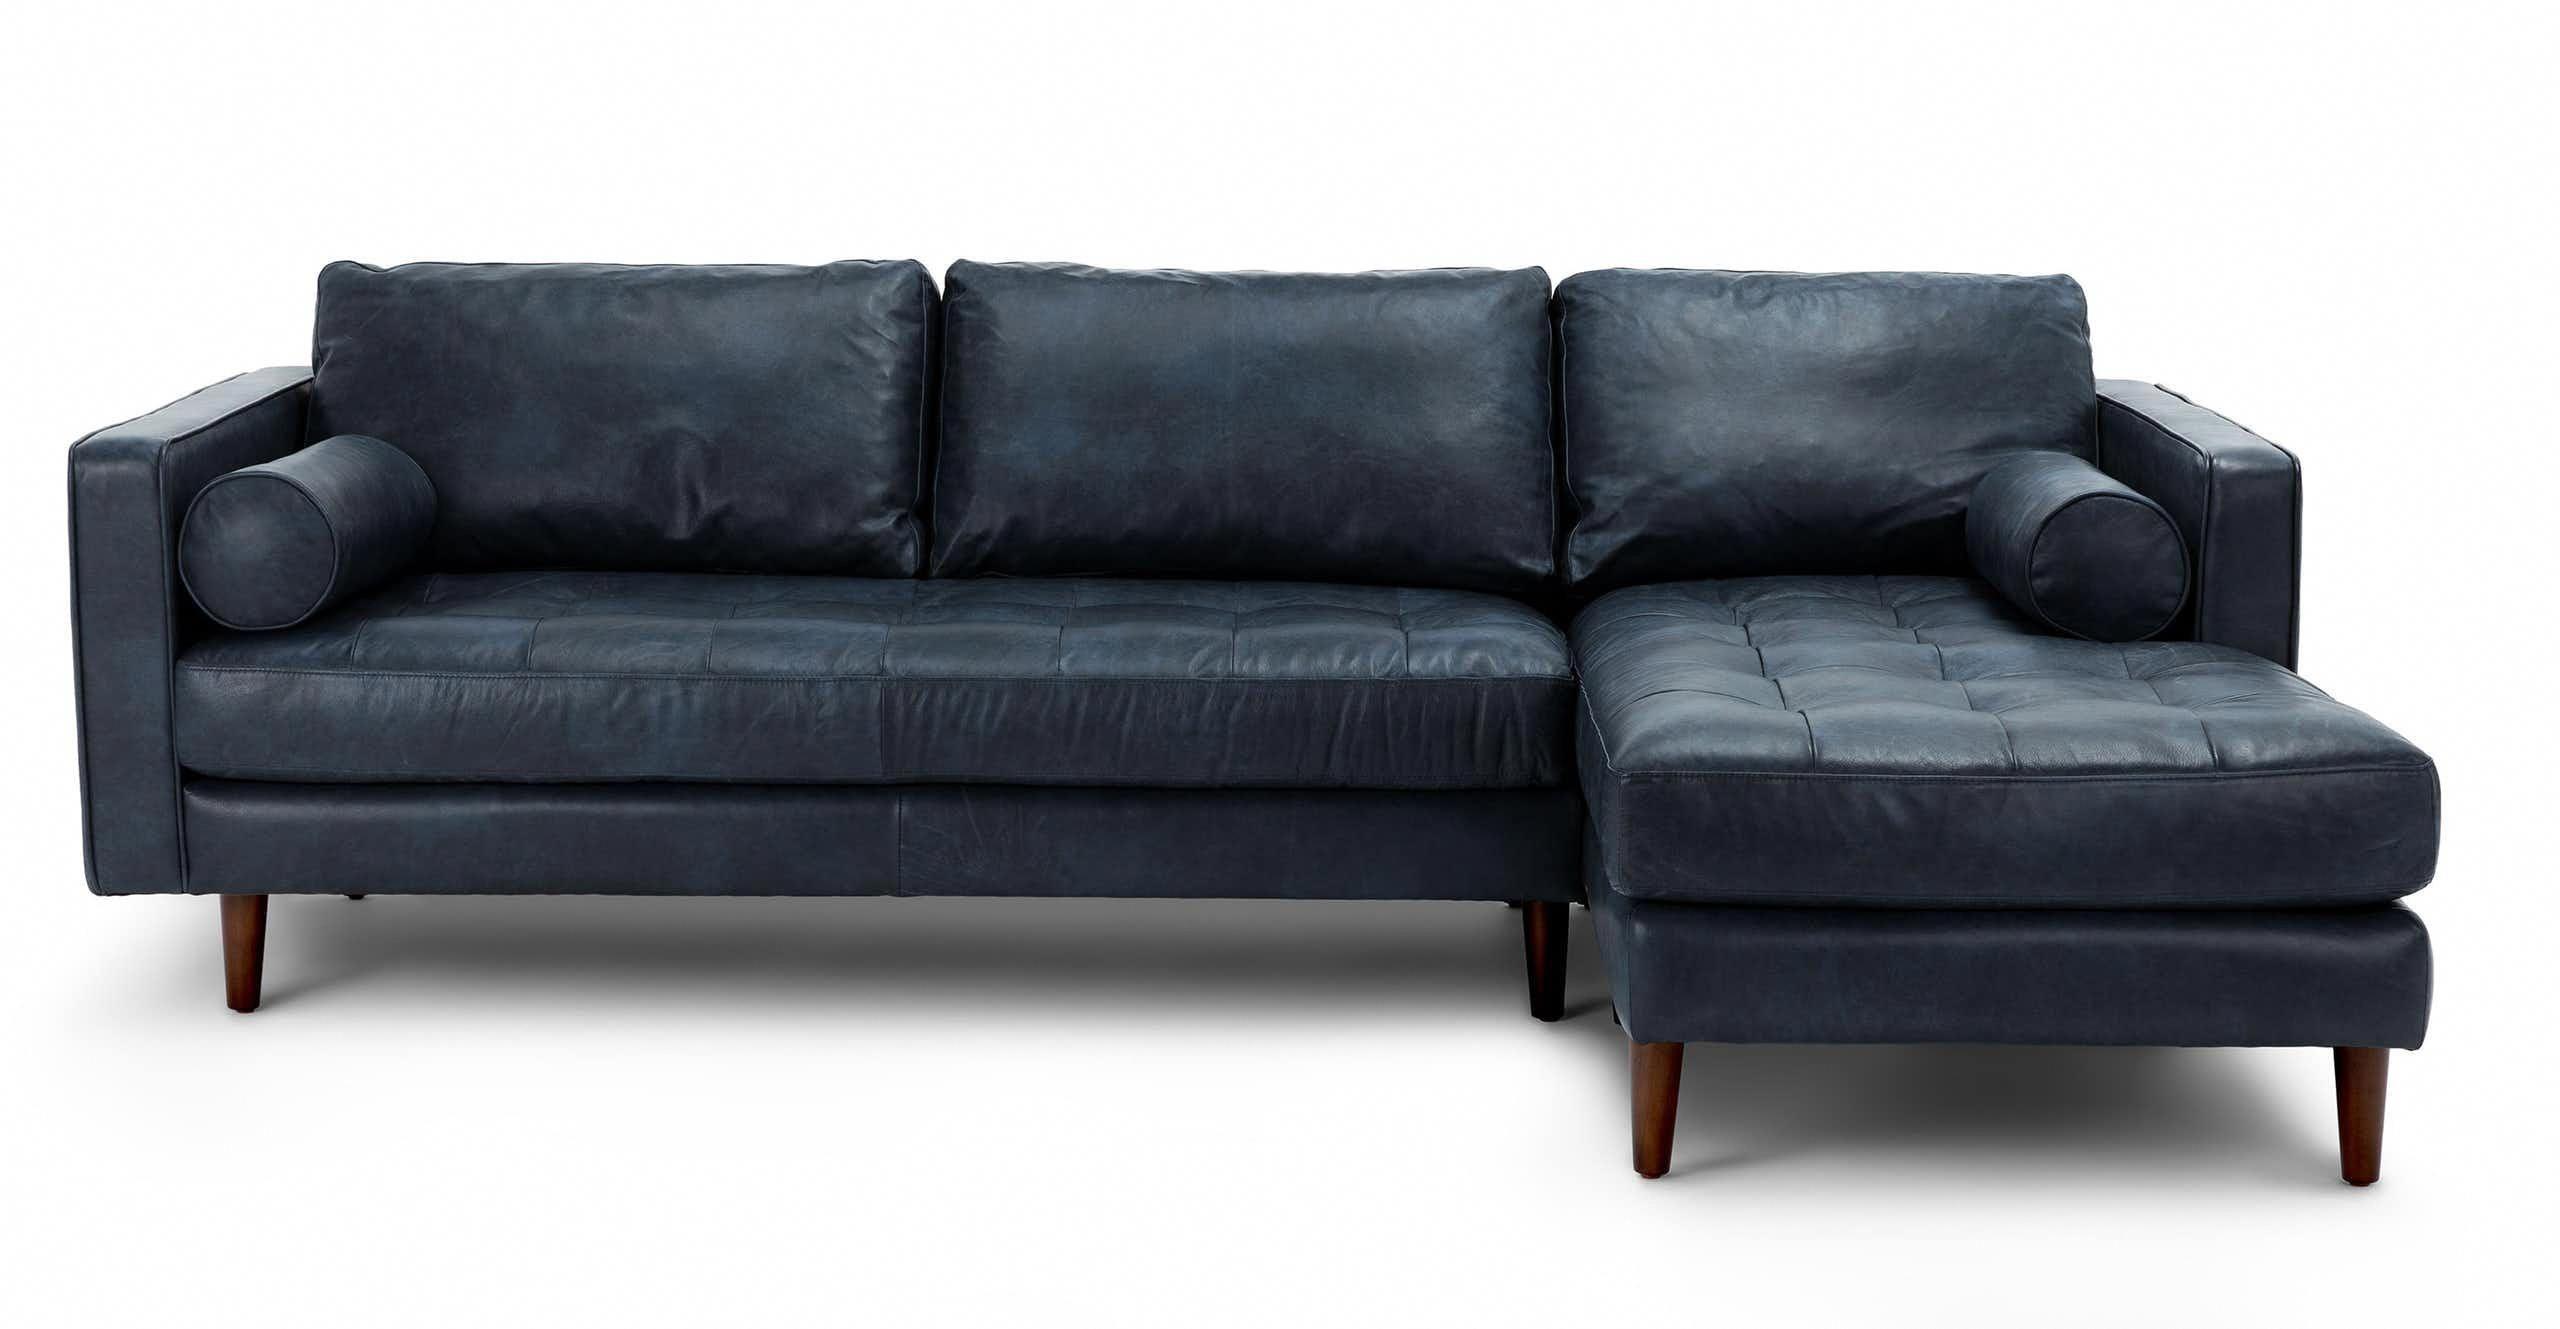 Sven Oxford Blue Right Sectional Sofa Modernlivingroomfurnitureleathersectionals Mobilier De Salon Decoration